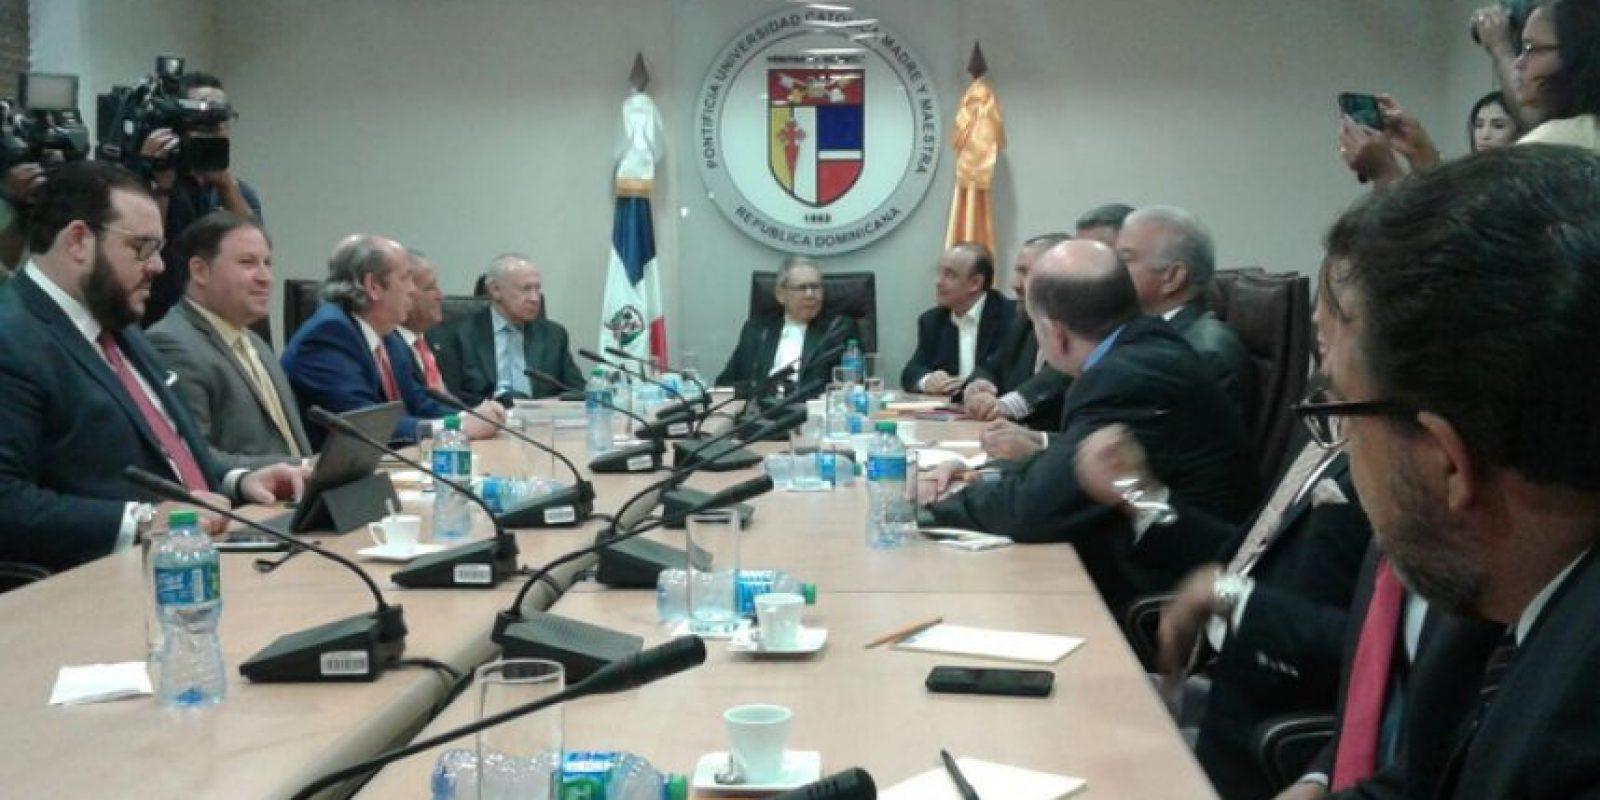 Reunión del diálogo entre los partidos políticos para llegar a un consenso para la aprobación de una ley de partidos Foto:Fuente Externa